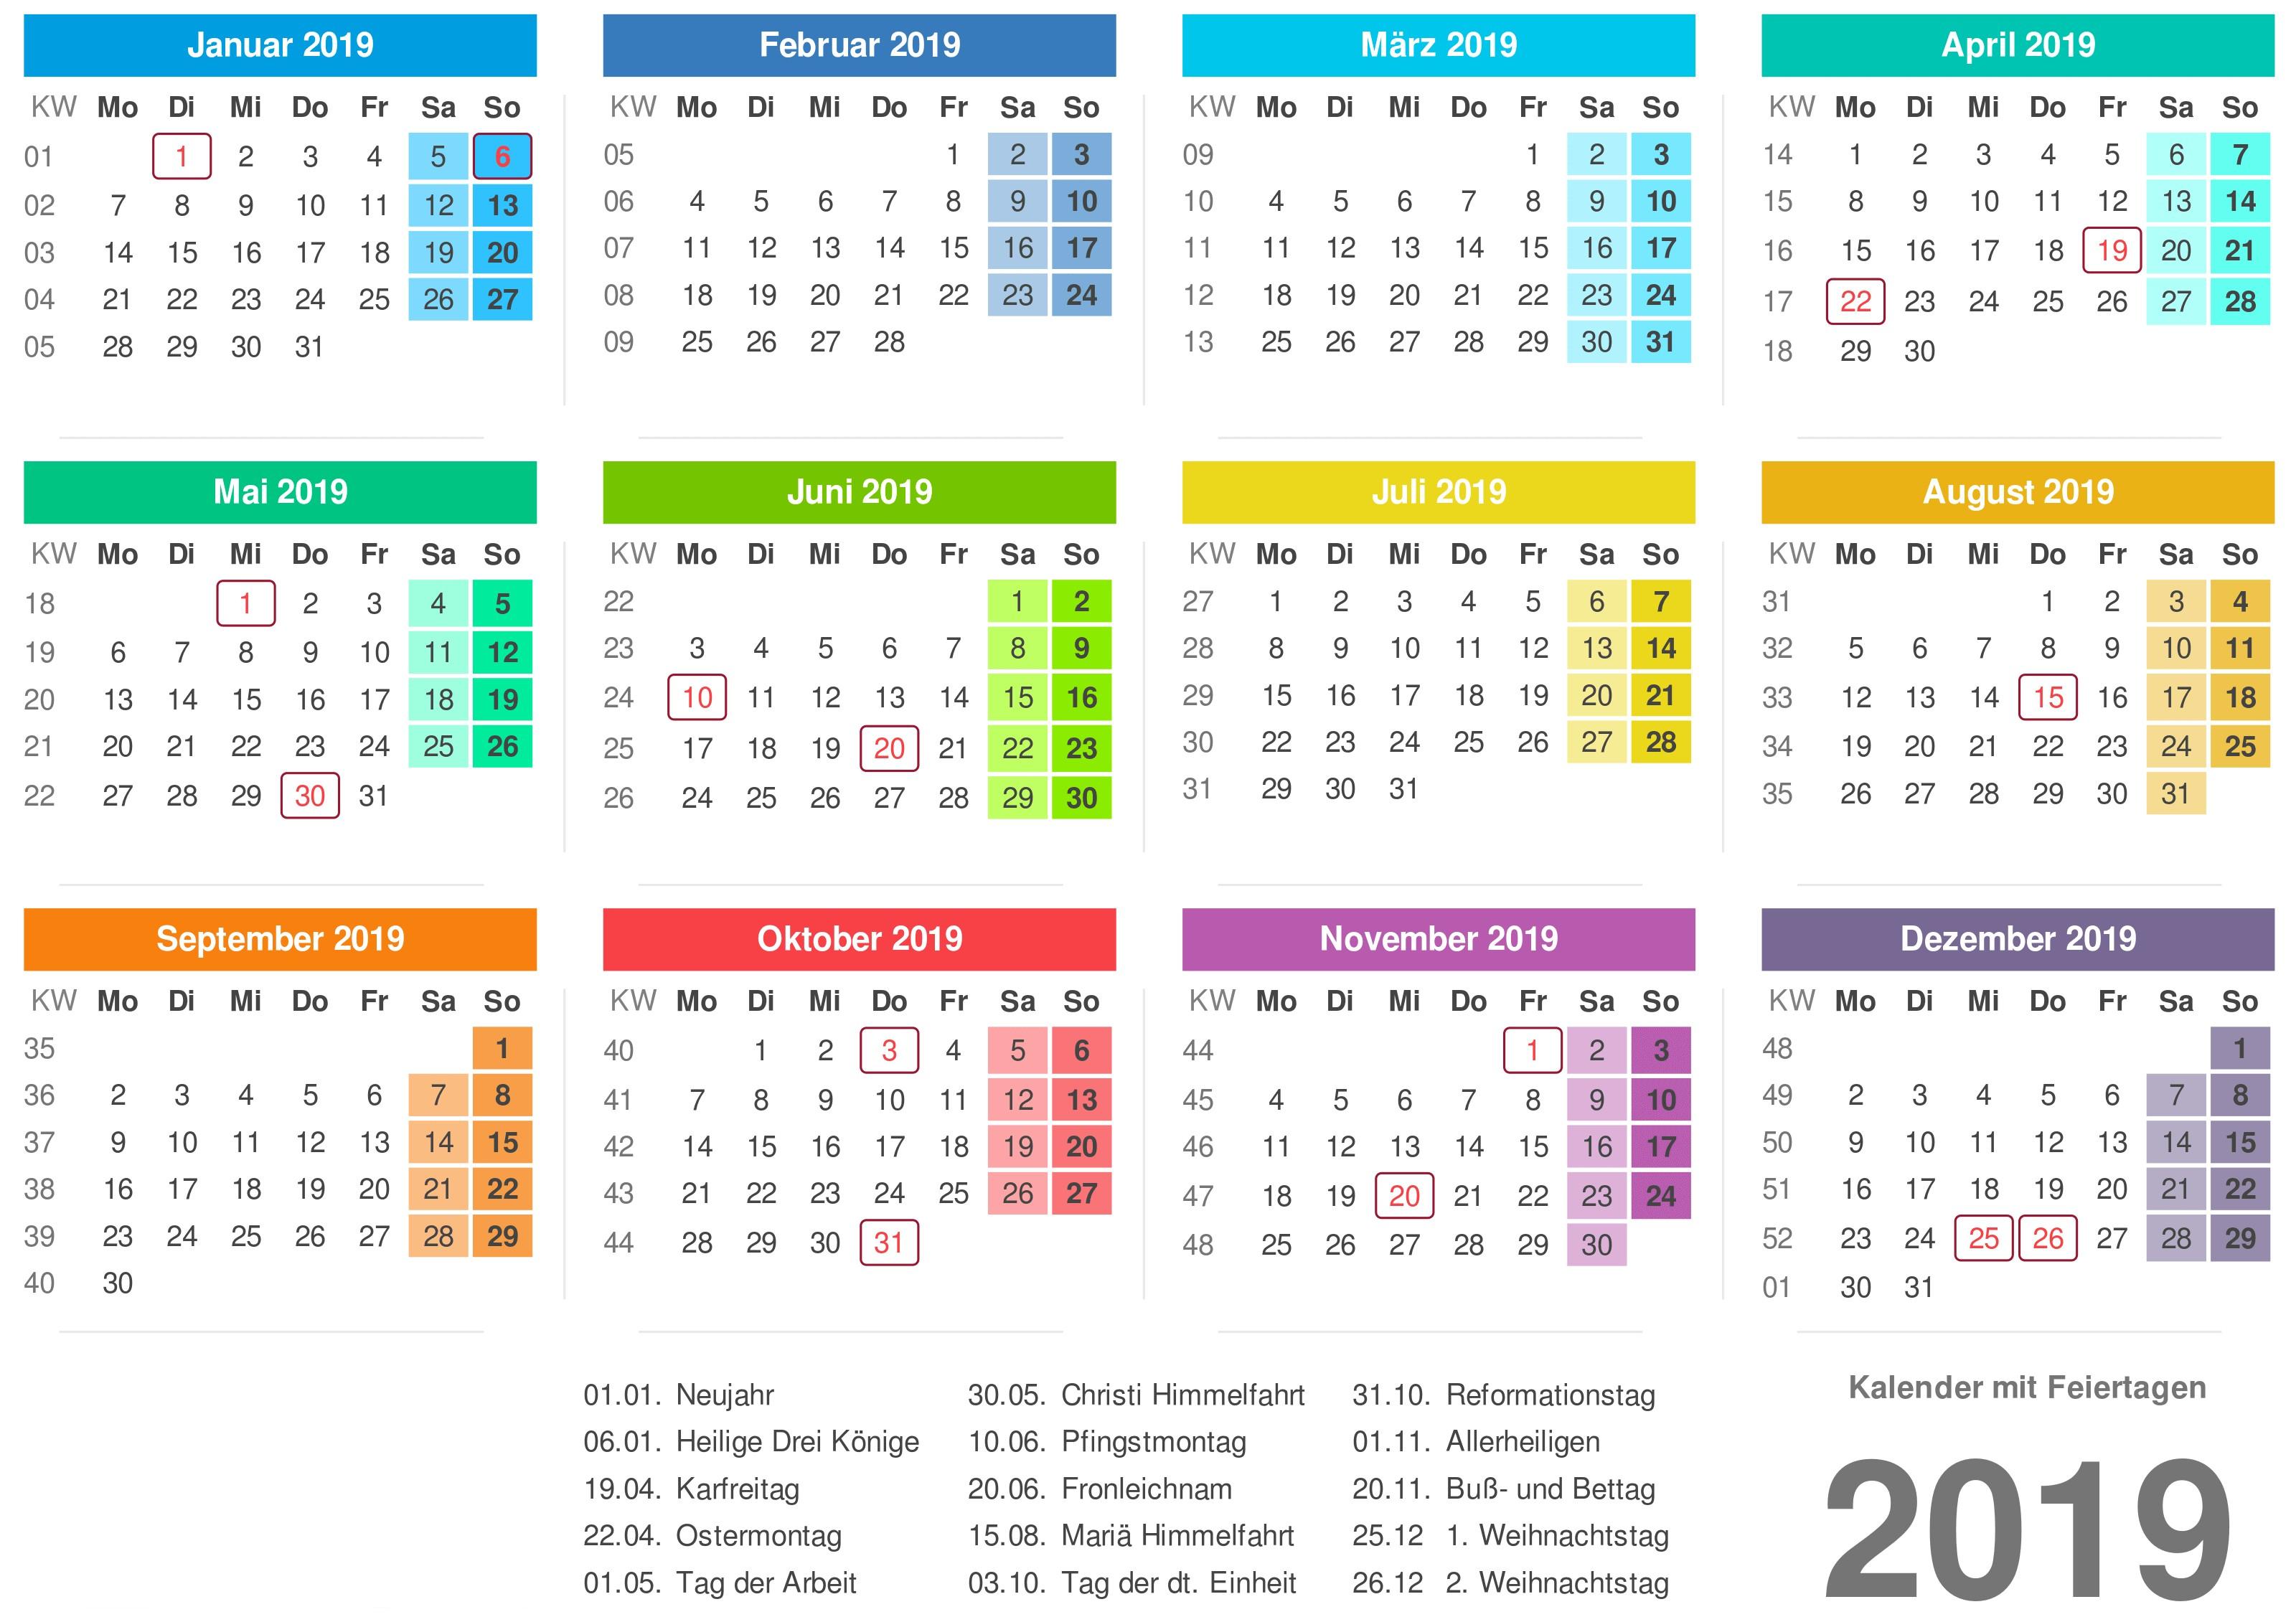 Kalender 2019 Excel Mit Feiertagen Más Actual Kalender 2019 Word Bayern Of Kalender 2019 Excel Mit Feiertagen Más Actual Kalender 2019 Excel Calendar 2016 2017 – Calendar Free Printable